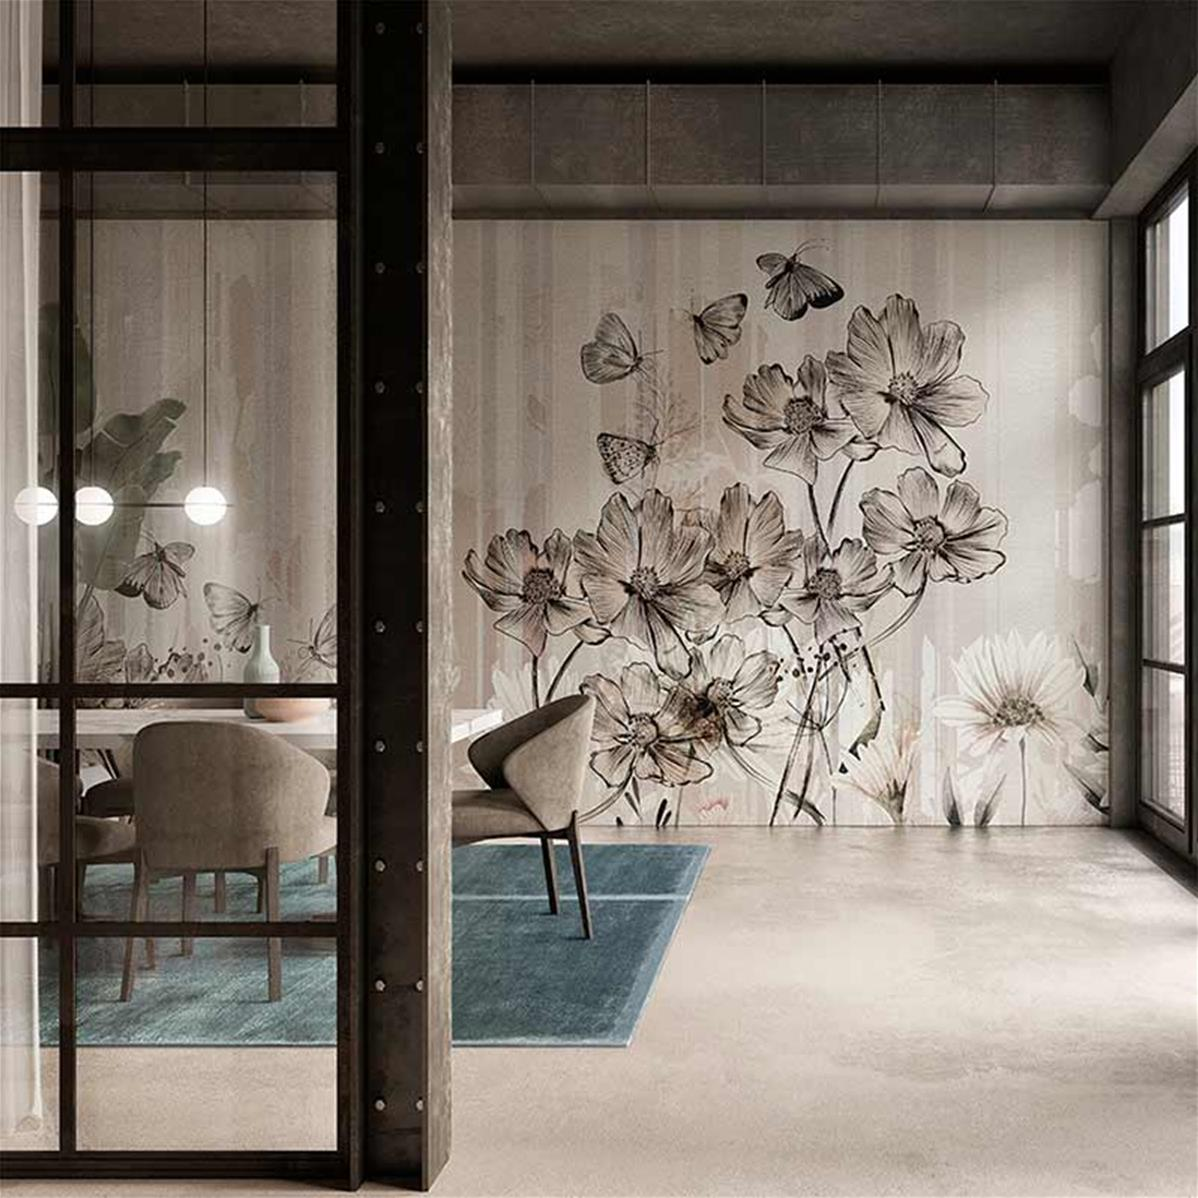 Papier peint fleurs et papillons, papier peint salon beige | Muraem